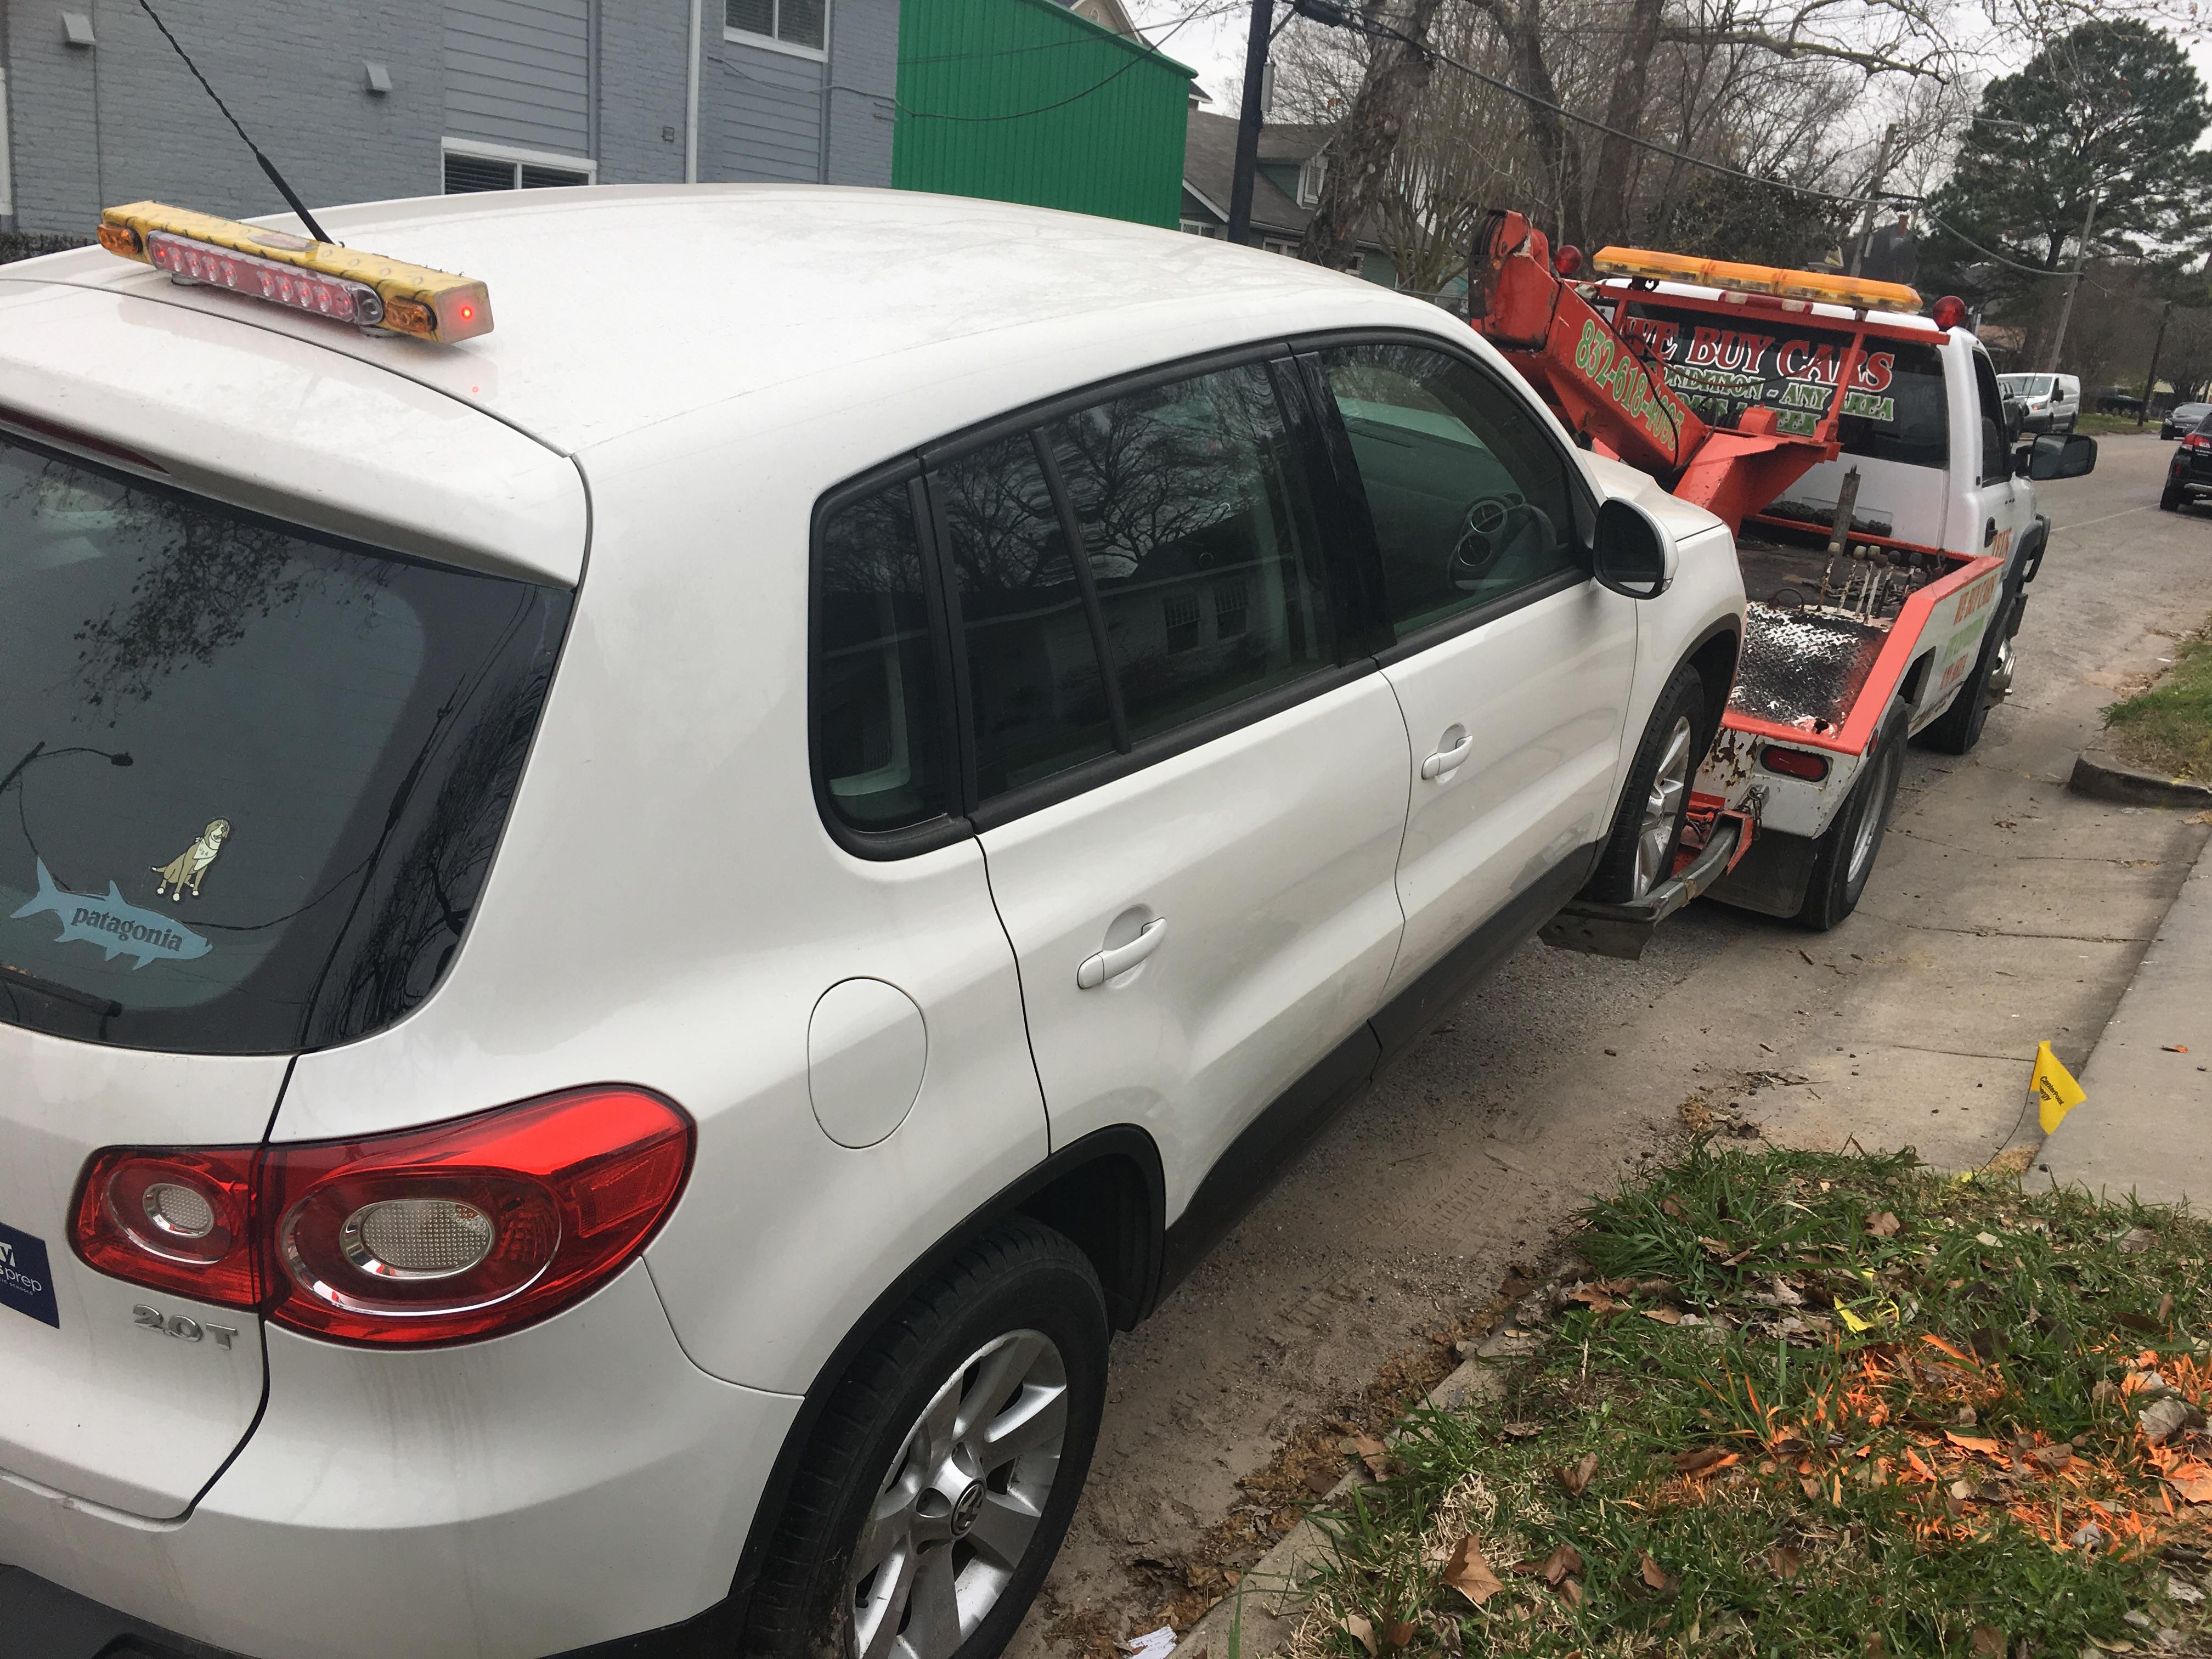 Zeus - Cash For Junk Cars - Car Dealer - Houston, TX 77091